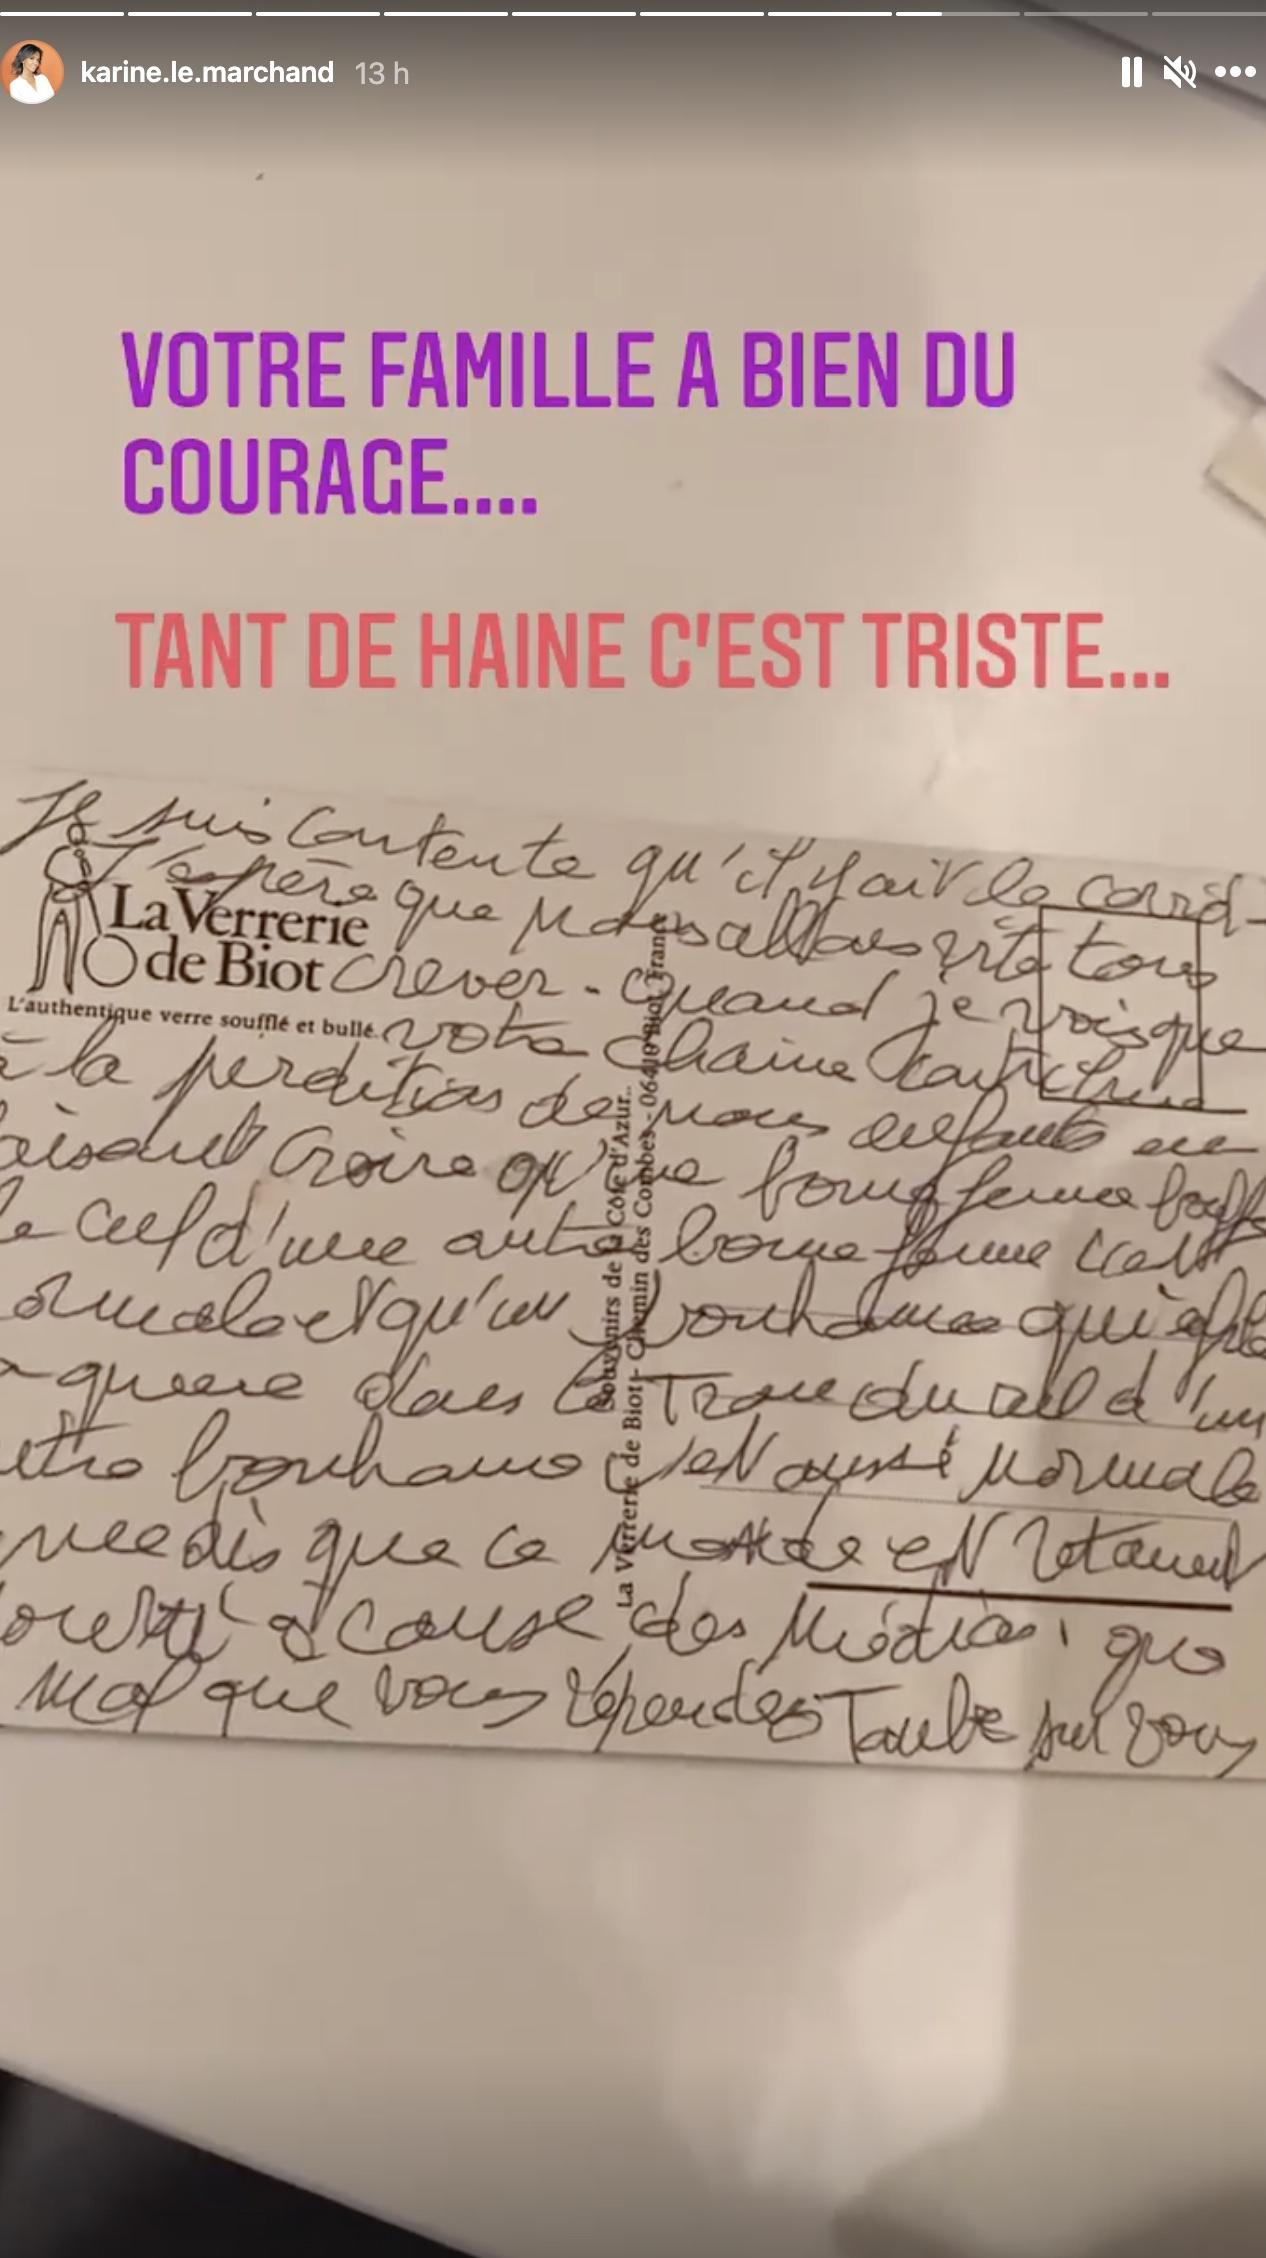 Karine Le Marchand reçoit une lettre choquante contenant des propos homophobes!